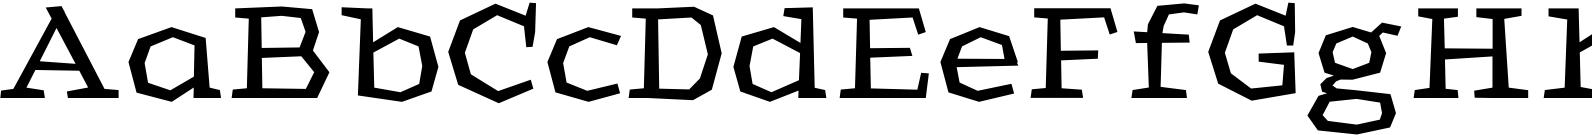 Macahe